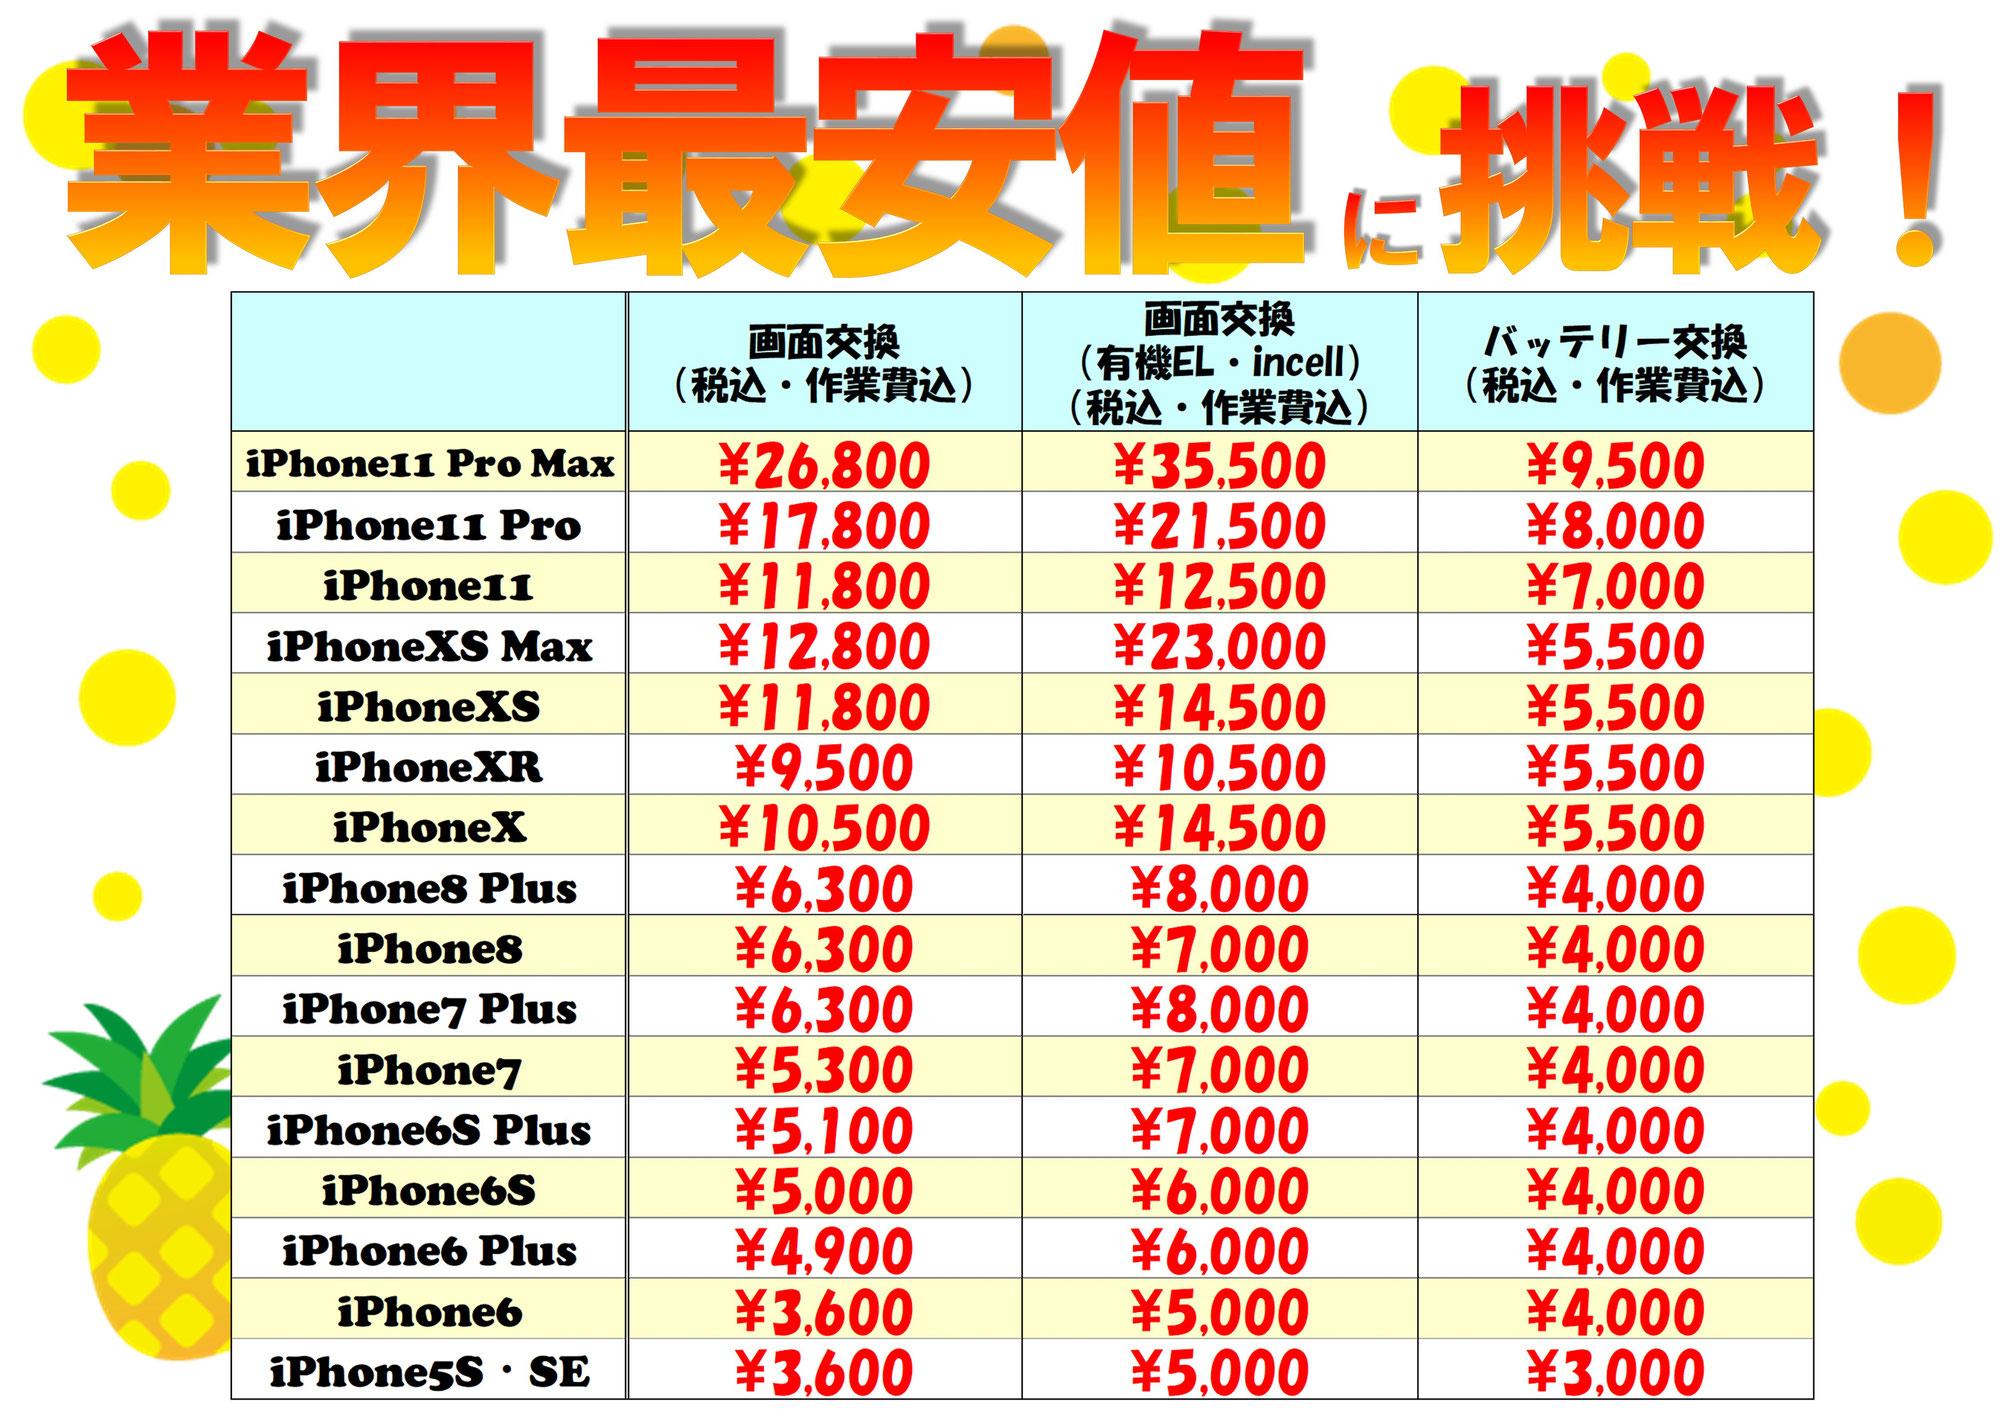 【iPhone 修理 所沢】所沢でiPhoneの修理が一番安いのはここだ!徹底比較!比べてください! 埼玉所沢